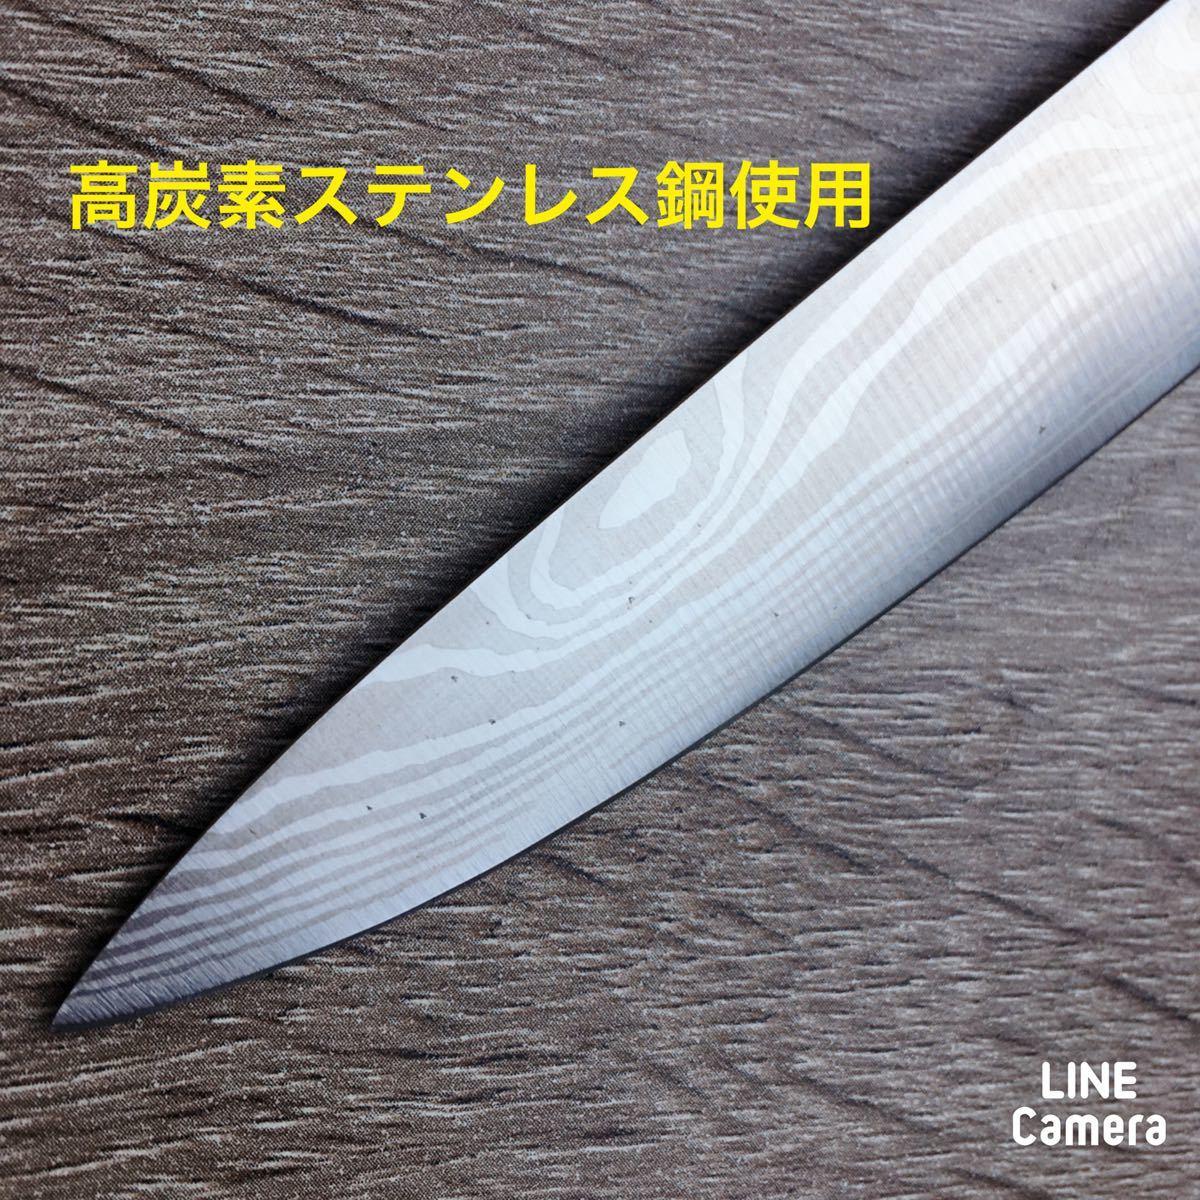 高評価!5インチペティナイフ 小型万能包丁 高炭素ステンレス鋼 ダマスカス模様